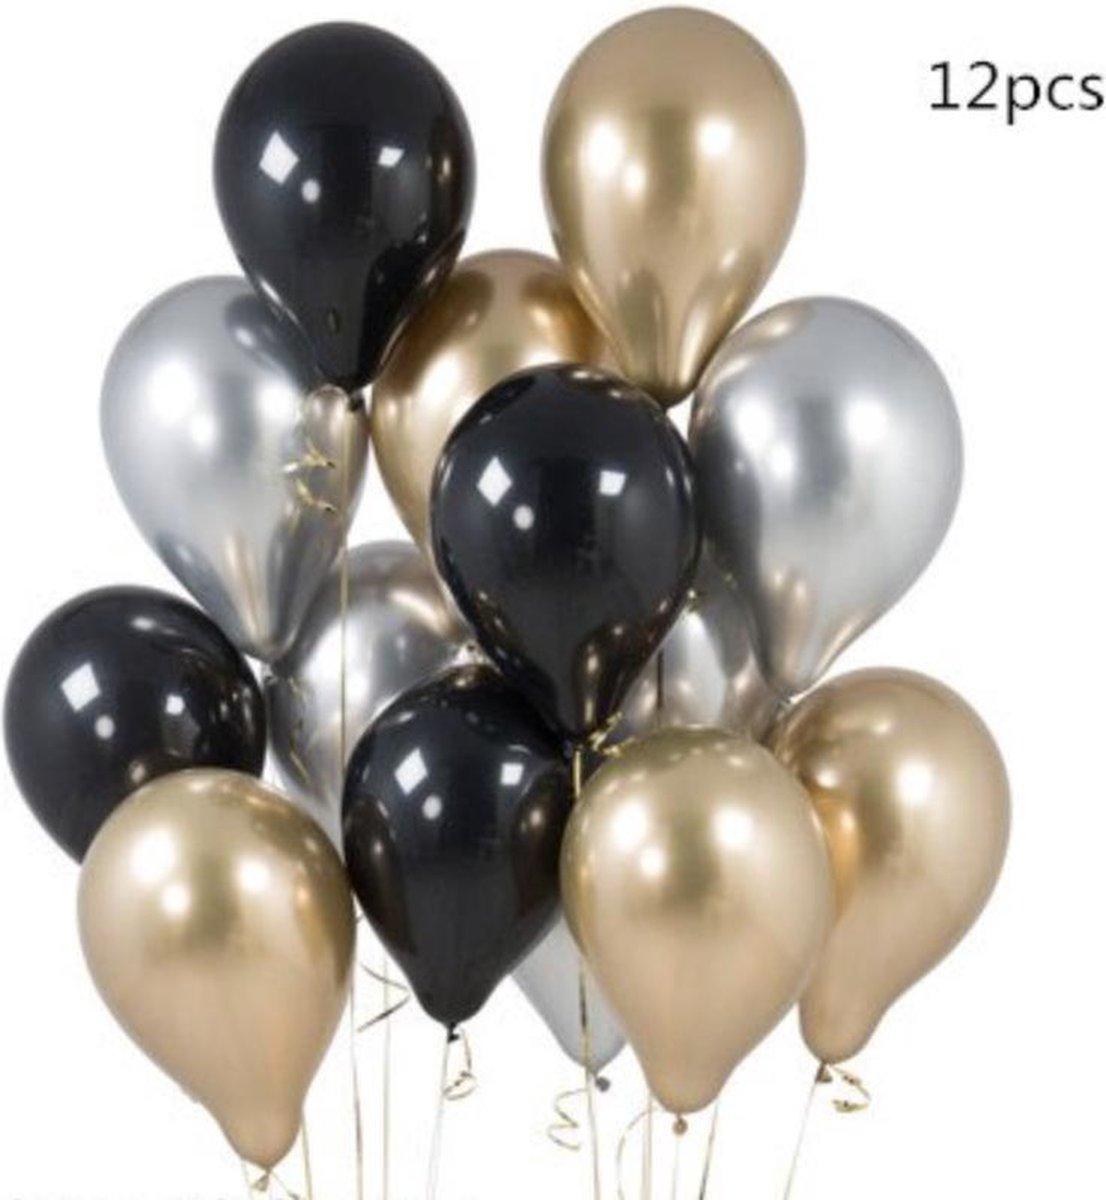 Luxe Chrome Ballonnen Goud Zwart Zilver - Helium Ballonnenset Metallic Feestje Verjaardag Party